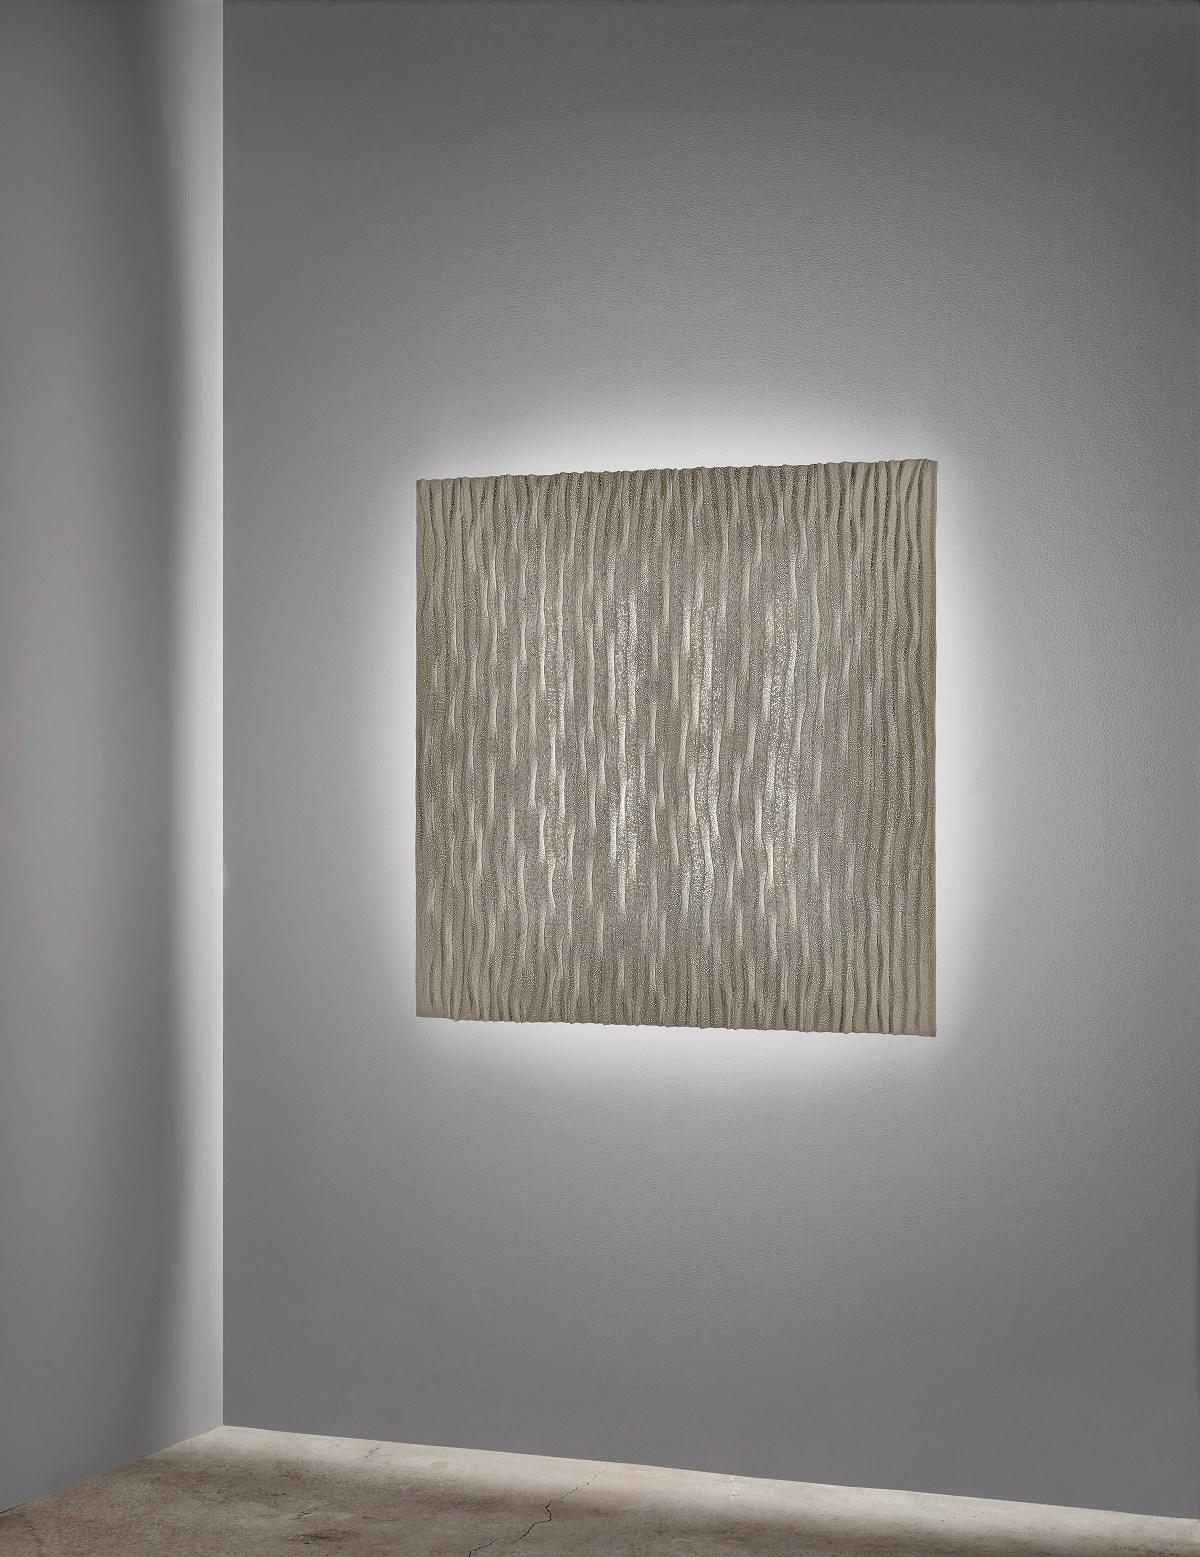 Arturo-Alvarez-Planum-Wall-Ceiling-Light-Matisse-6